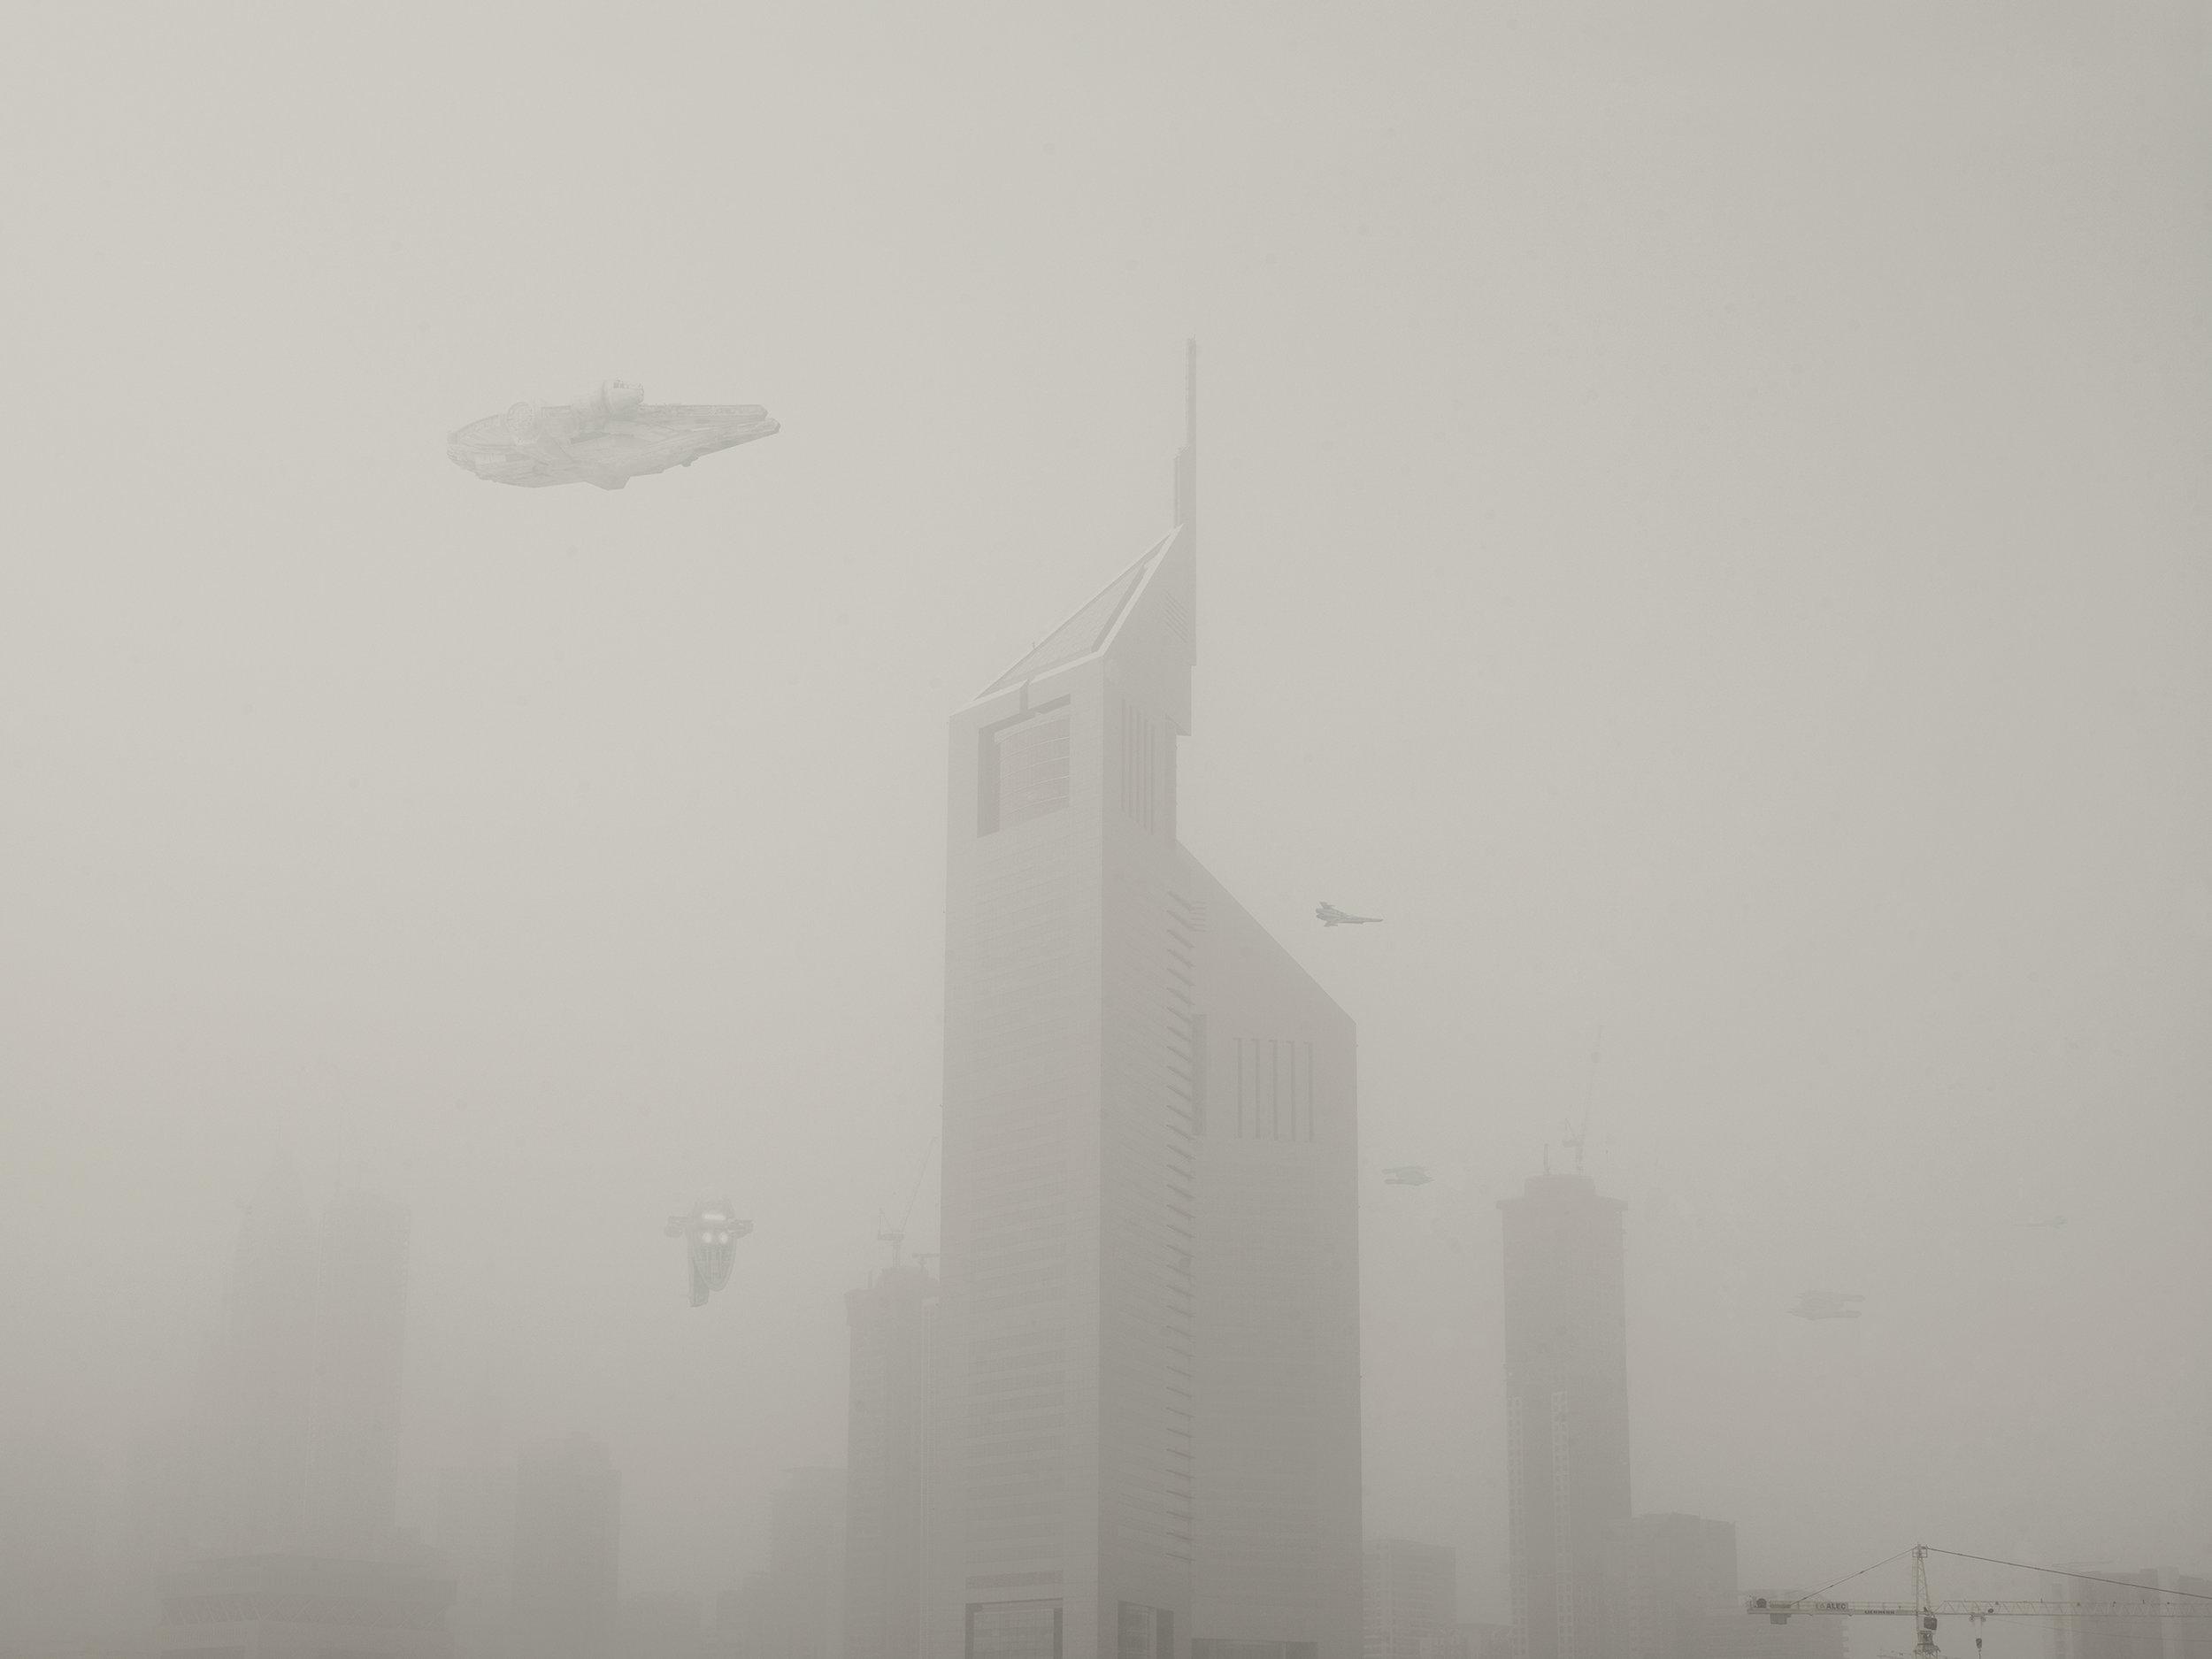 Millenium in Fog. 2009